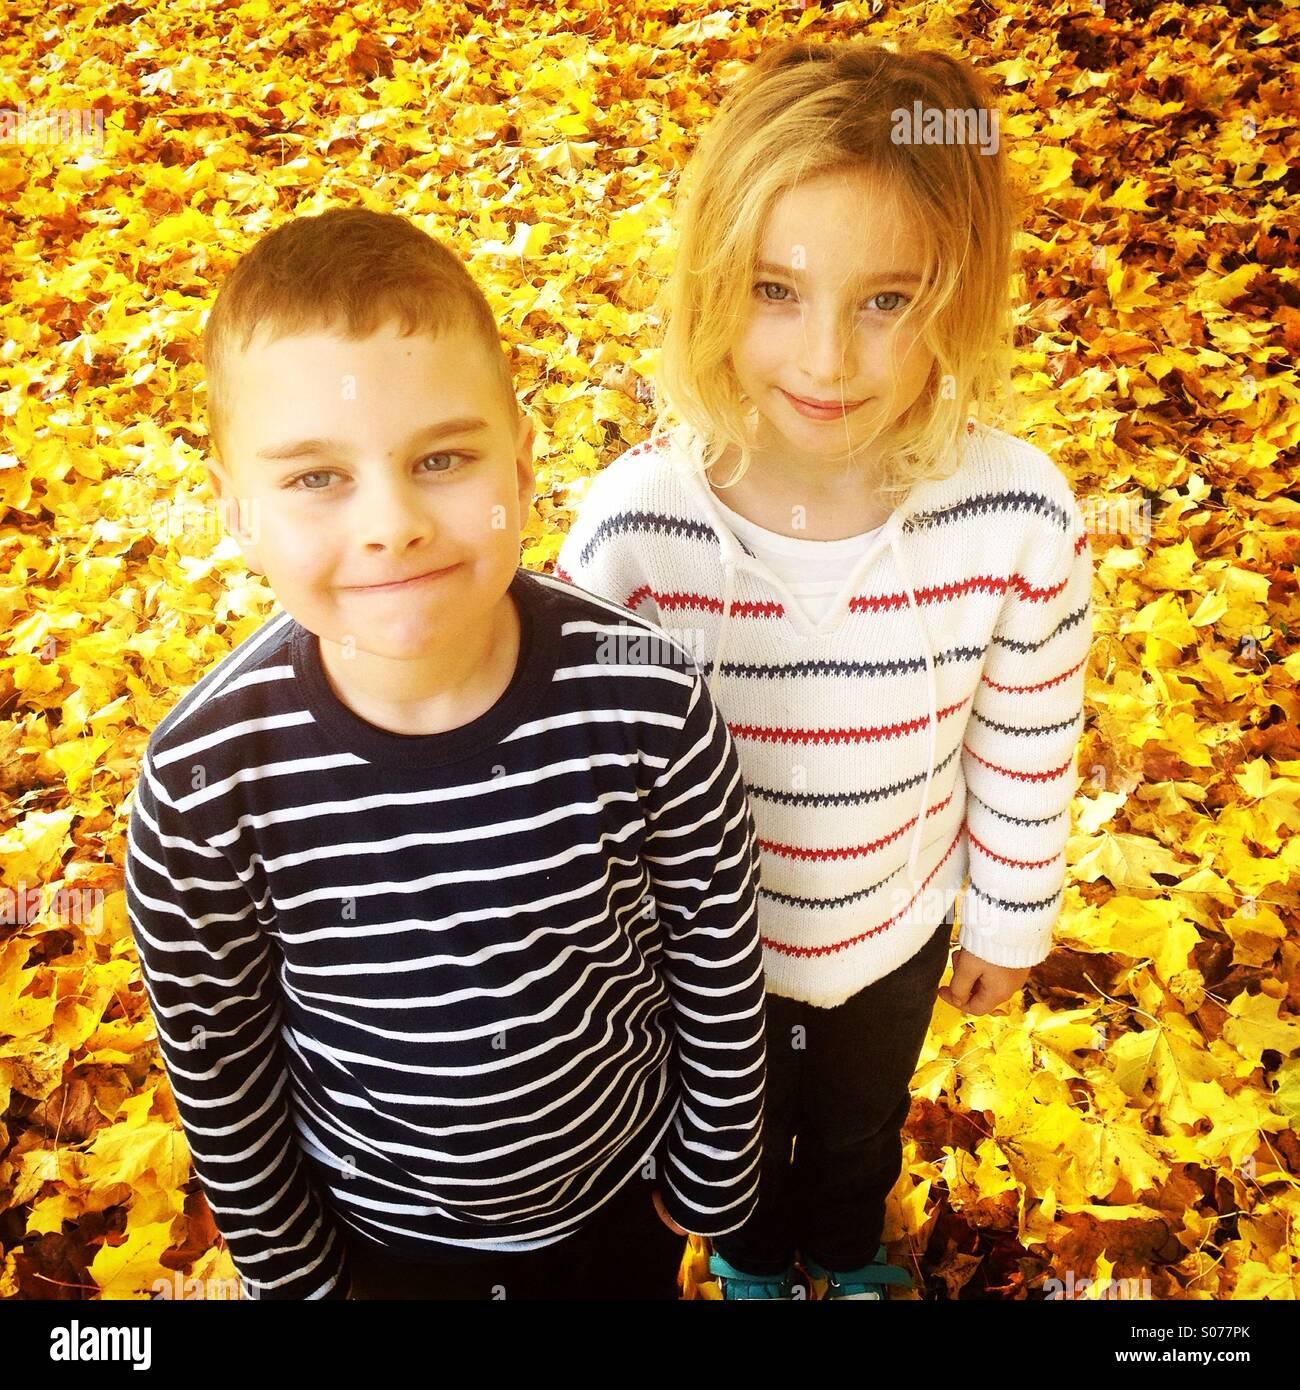 Un mignon petit frère et soeur dans un champ d'automne les feuilles d'automne jaune d'or Photo Stock